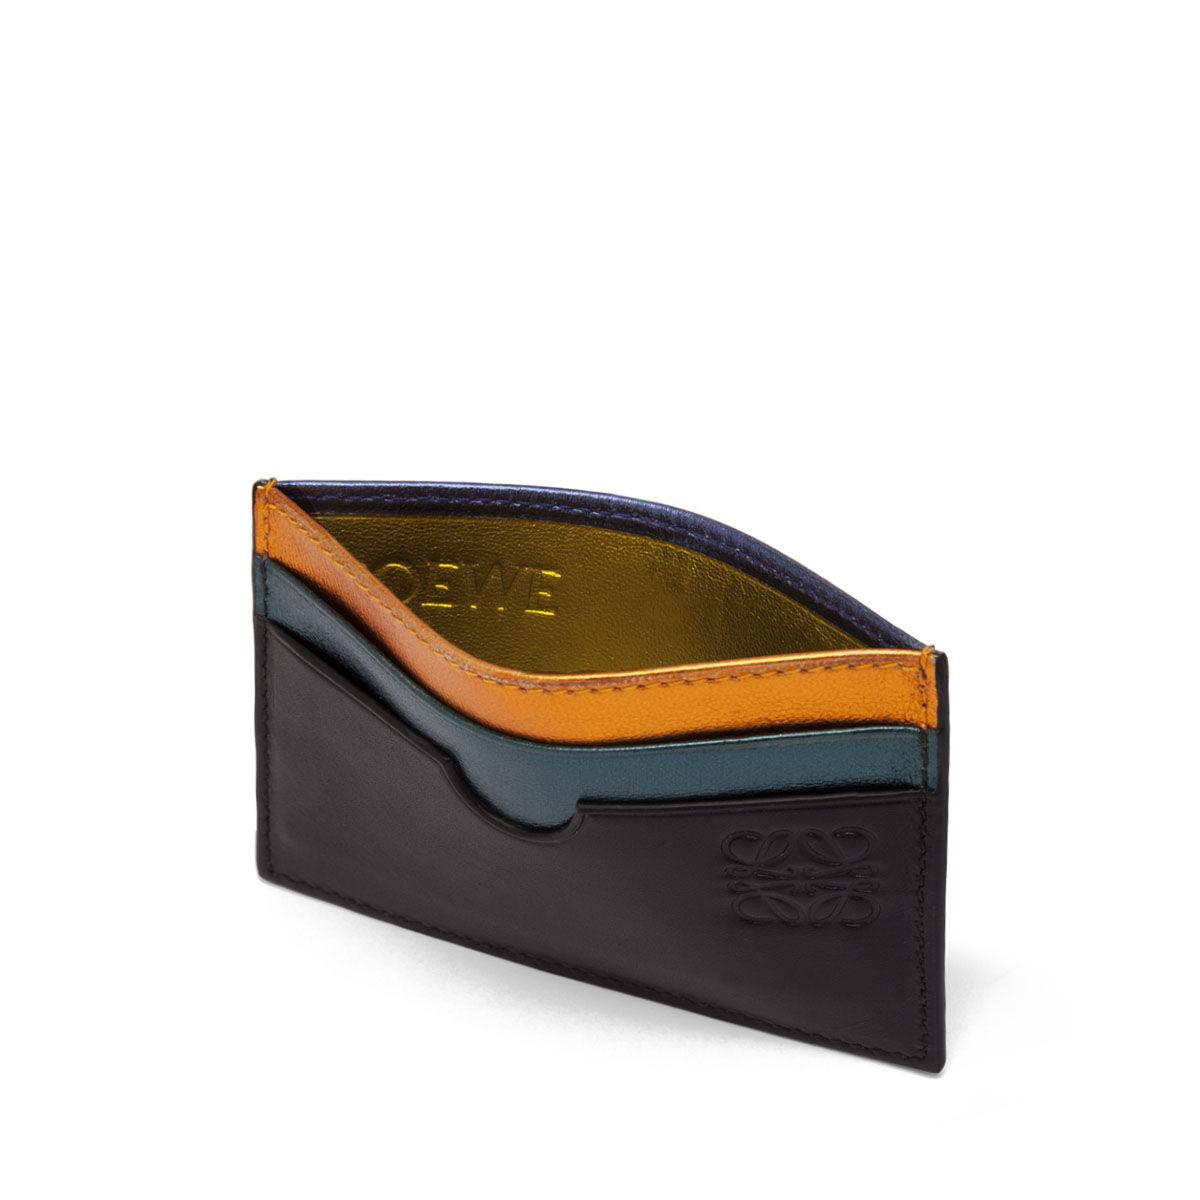 LOEWE レインボー プレーン カード ホルダー メタリックマルチカラー all